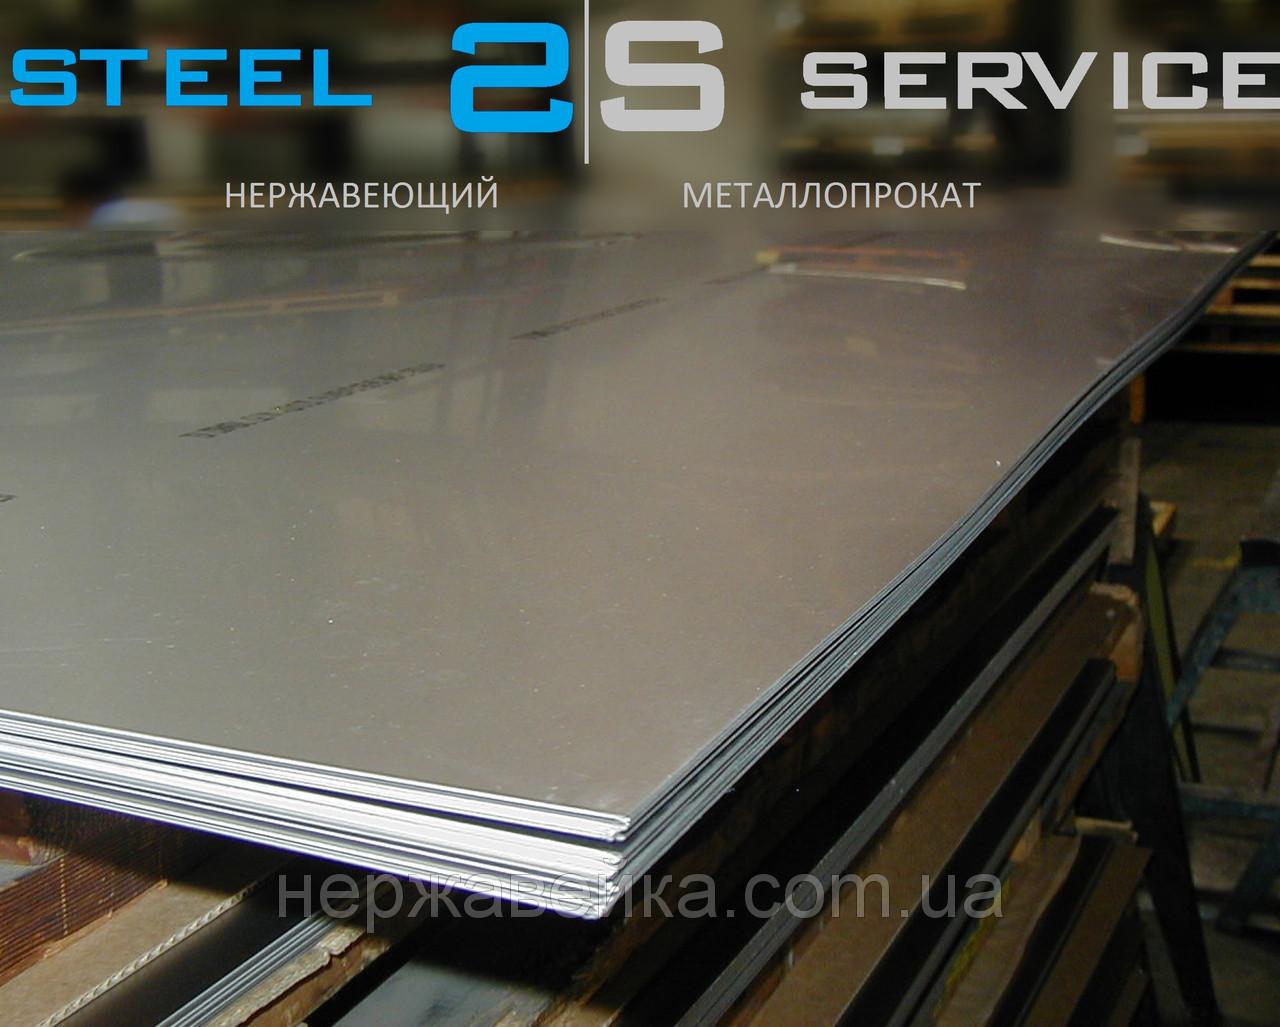 Нержавейка лист 4х1500х6000мм  AISI 310(20Х23Н18) 2B - матовый,  жаропрочный